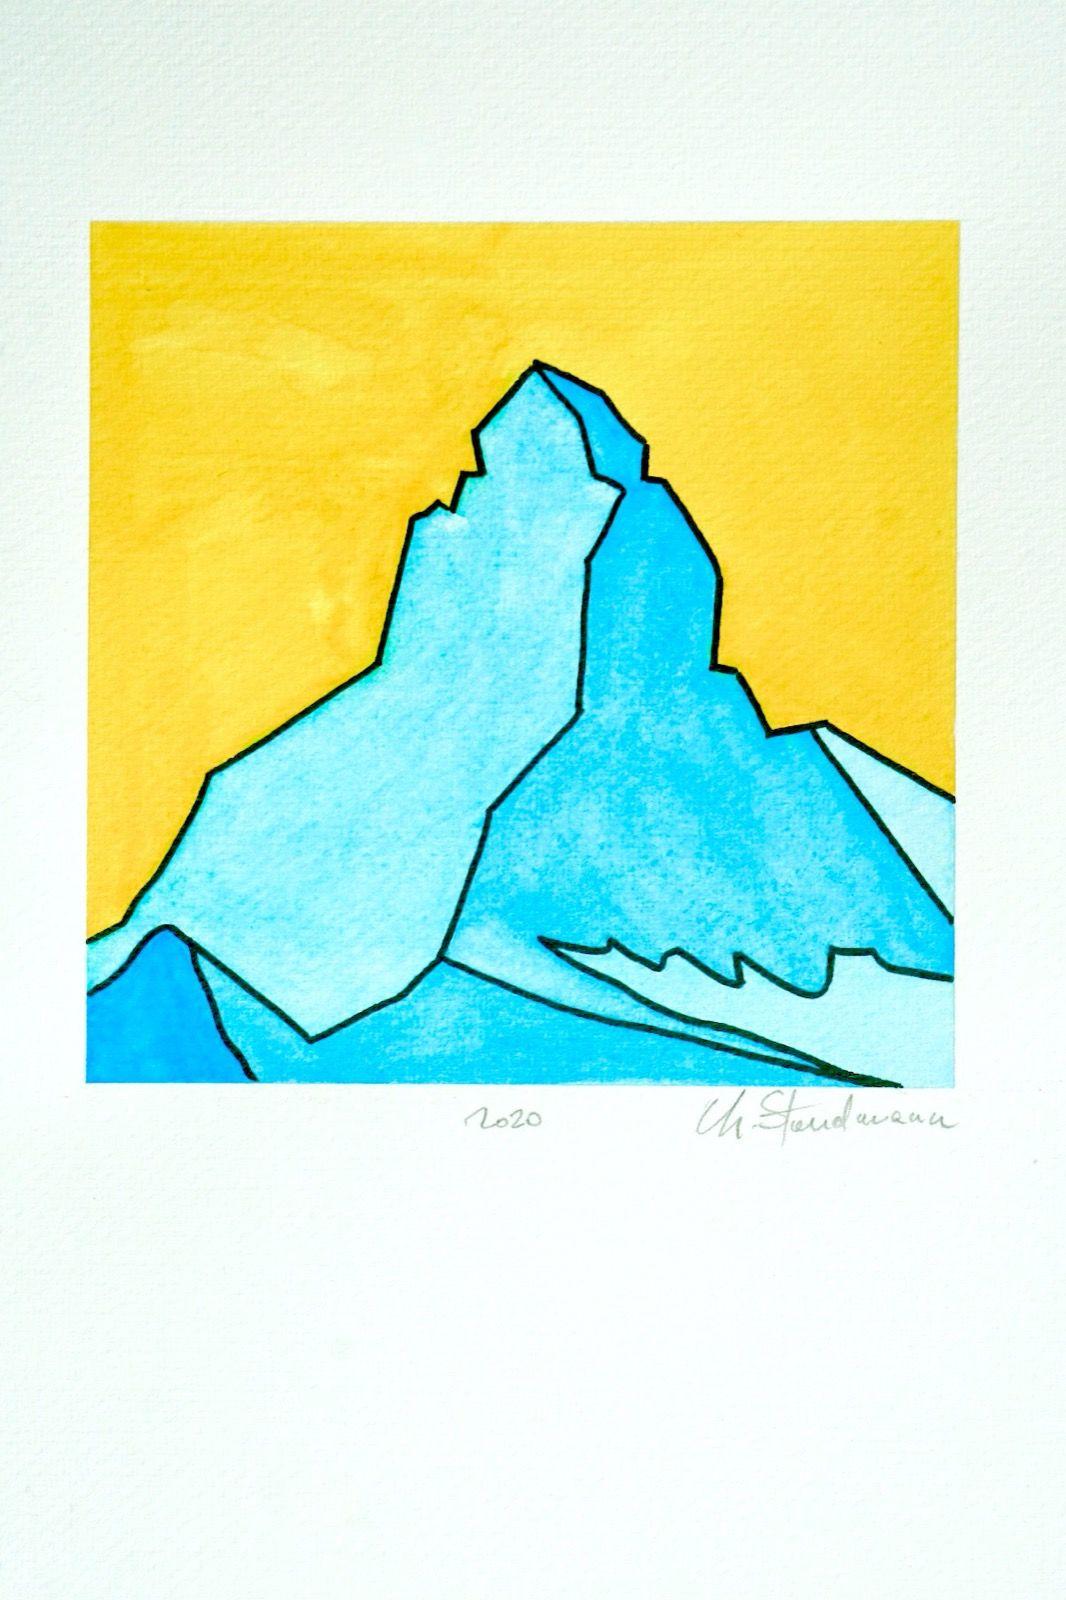 Matterhorn - Cervin 4 - Jaune et bleu turquoise